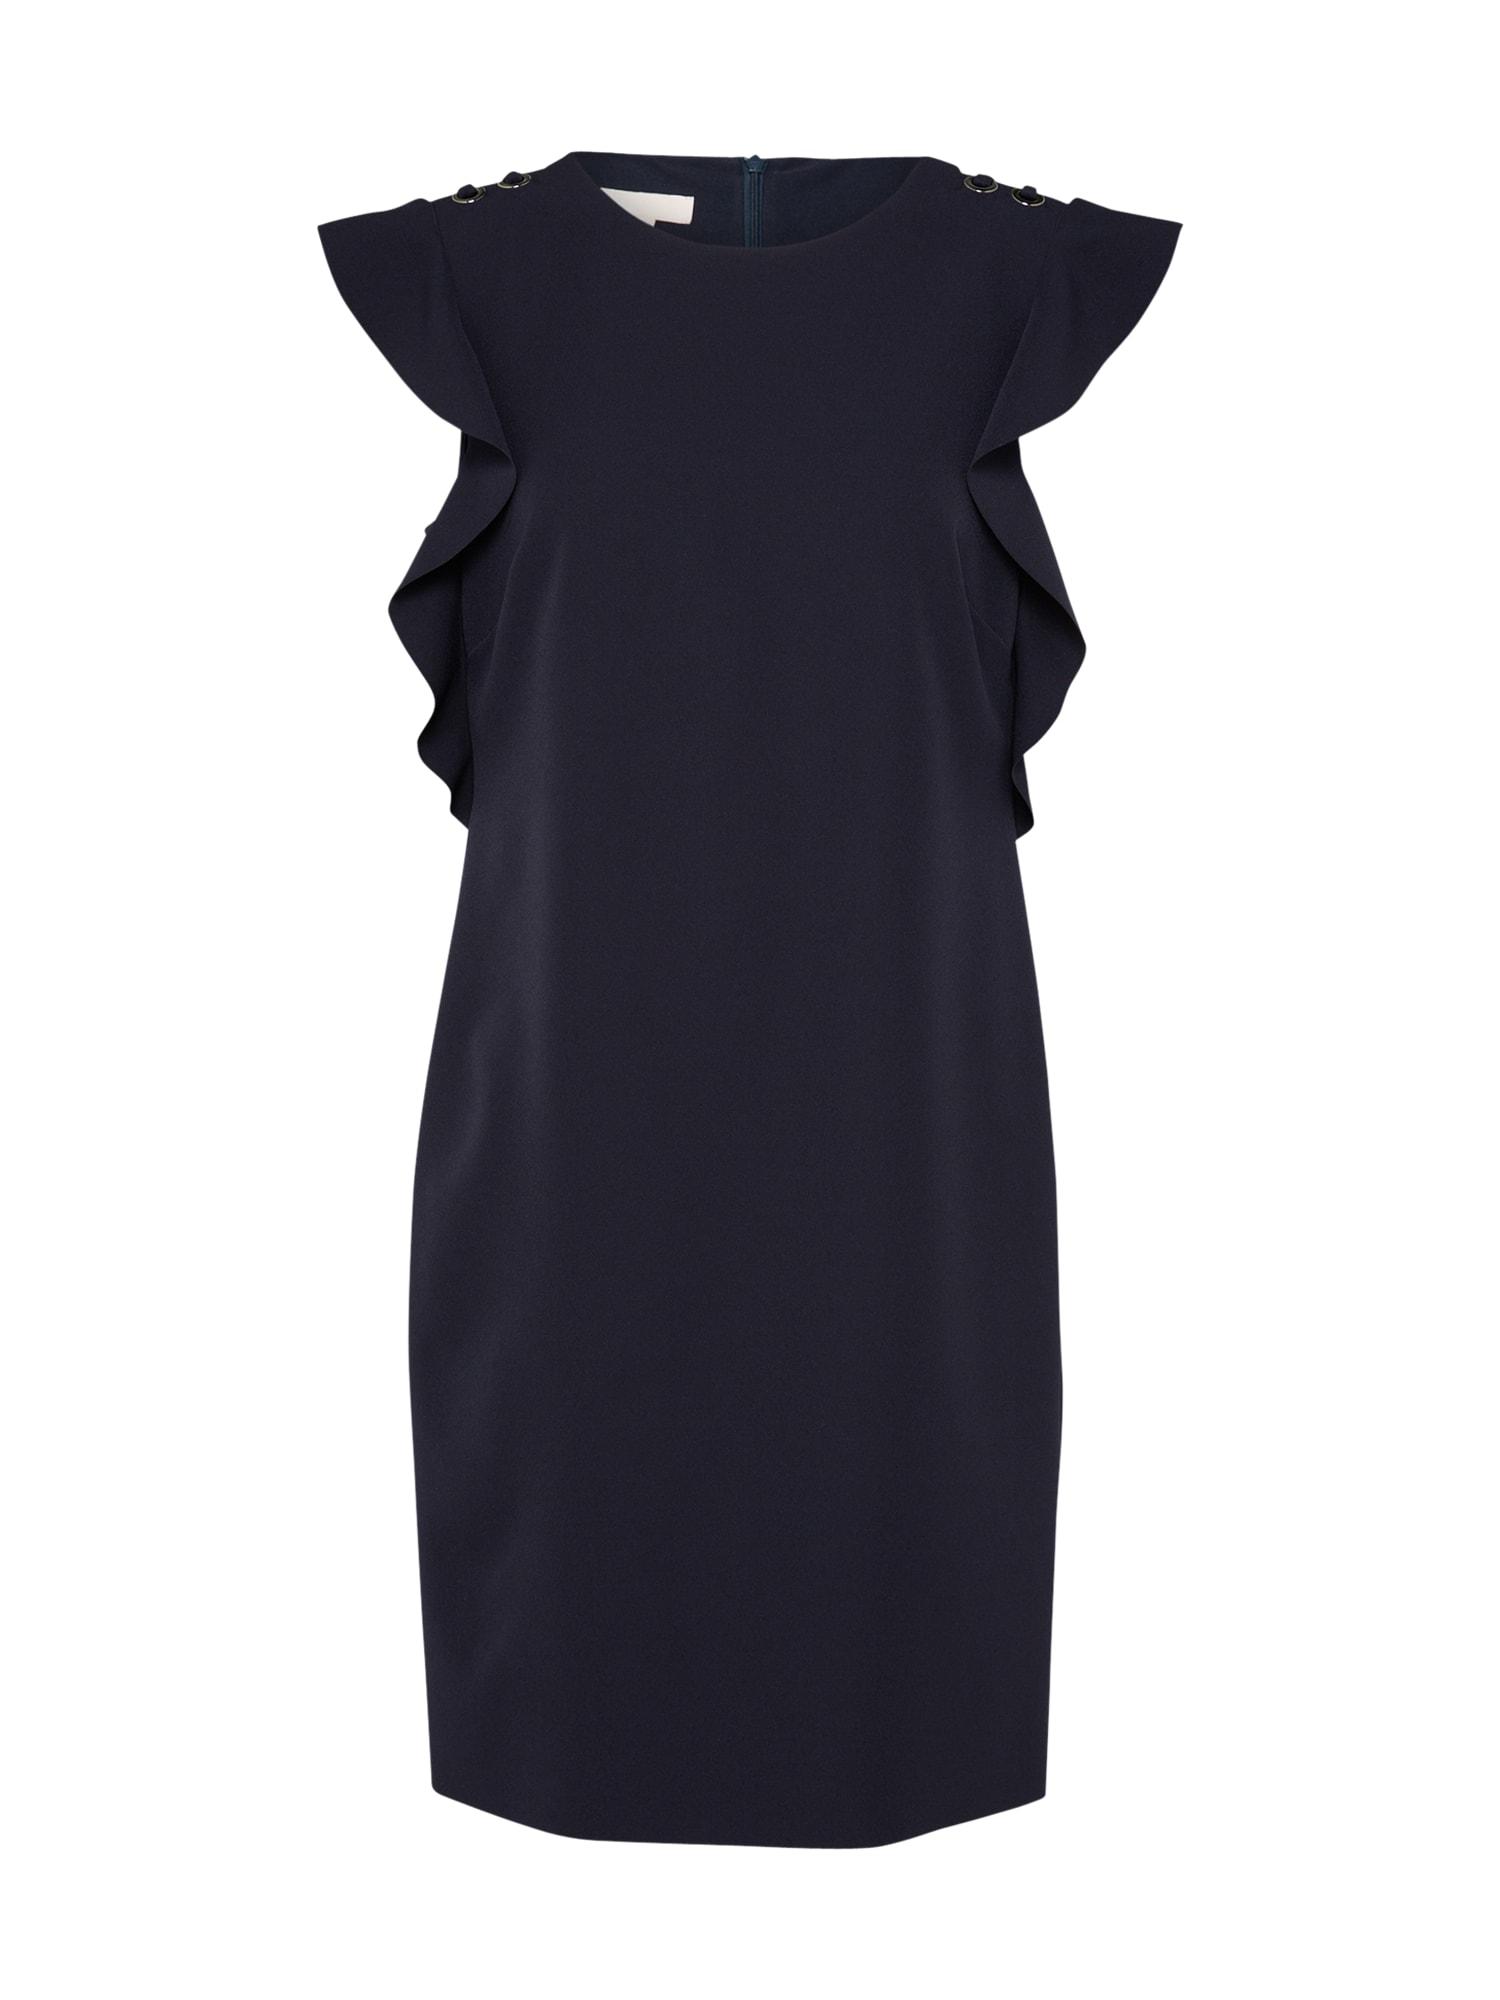 Šaty Gewebe noční modrá Talkabout